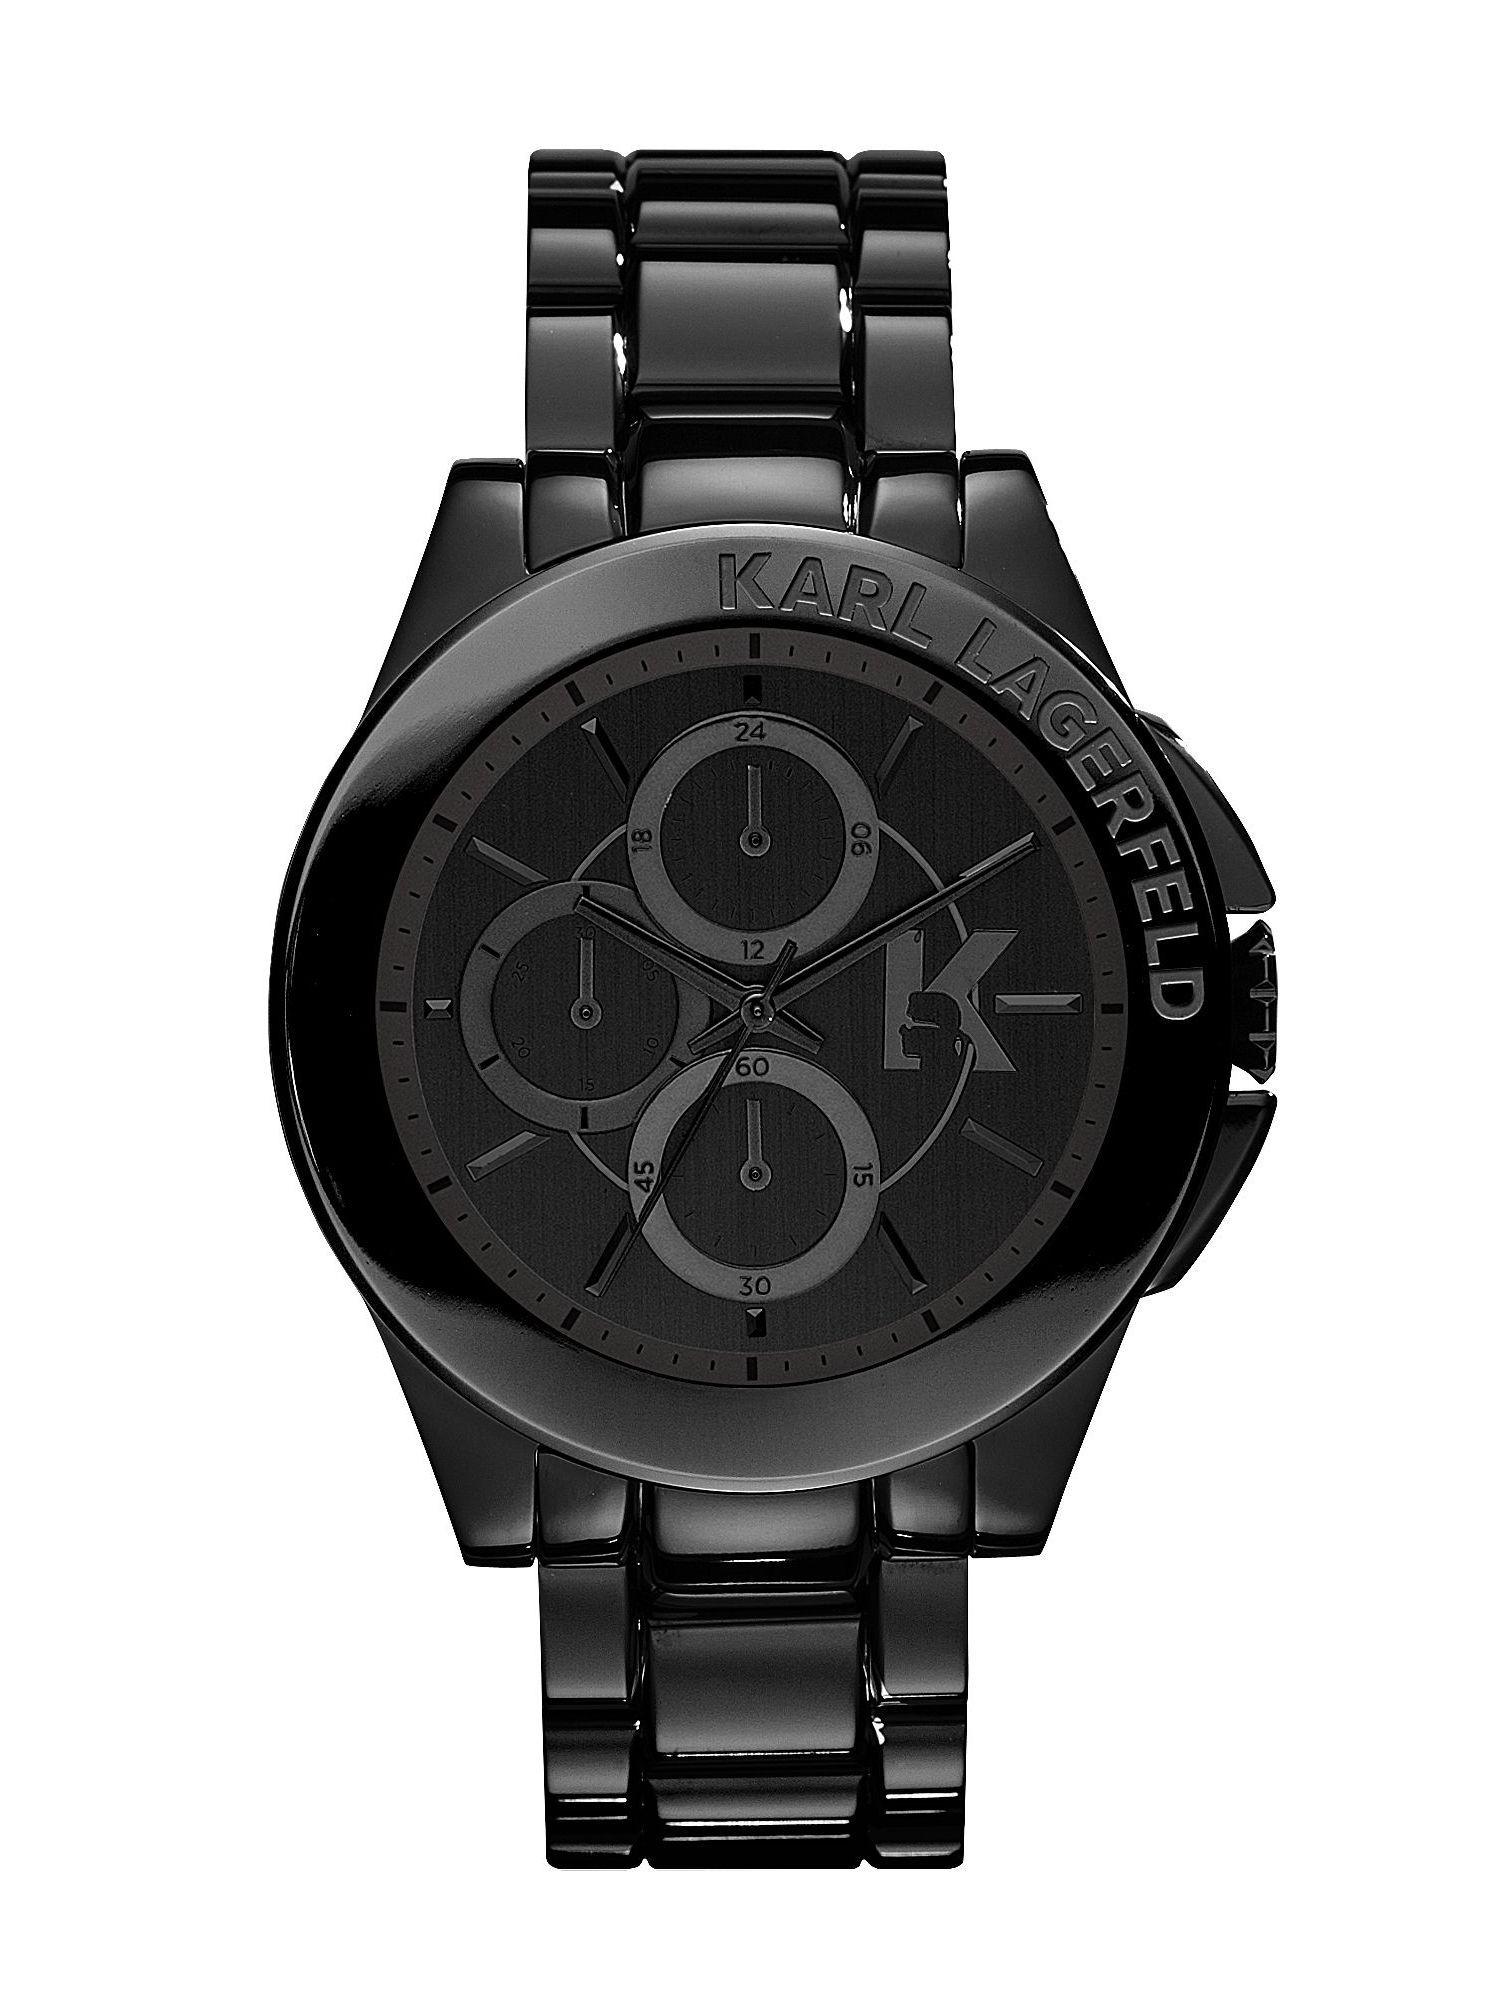 karl lagerfeld kl1401 energy black mens bracelet watch in black gallery